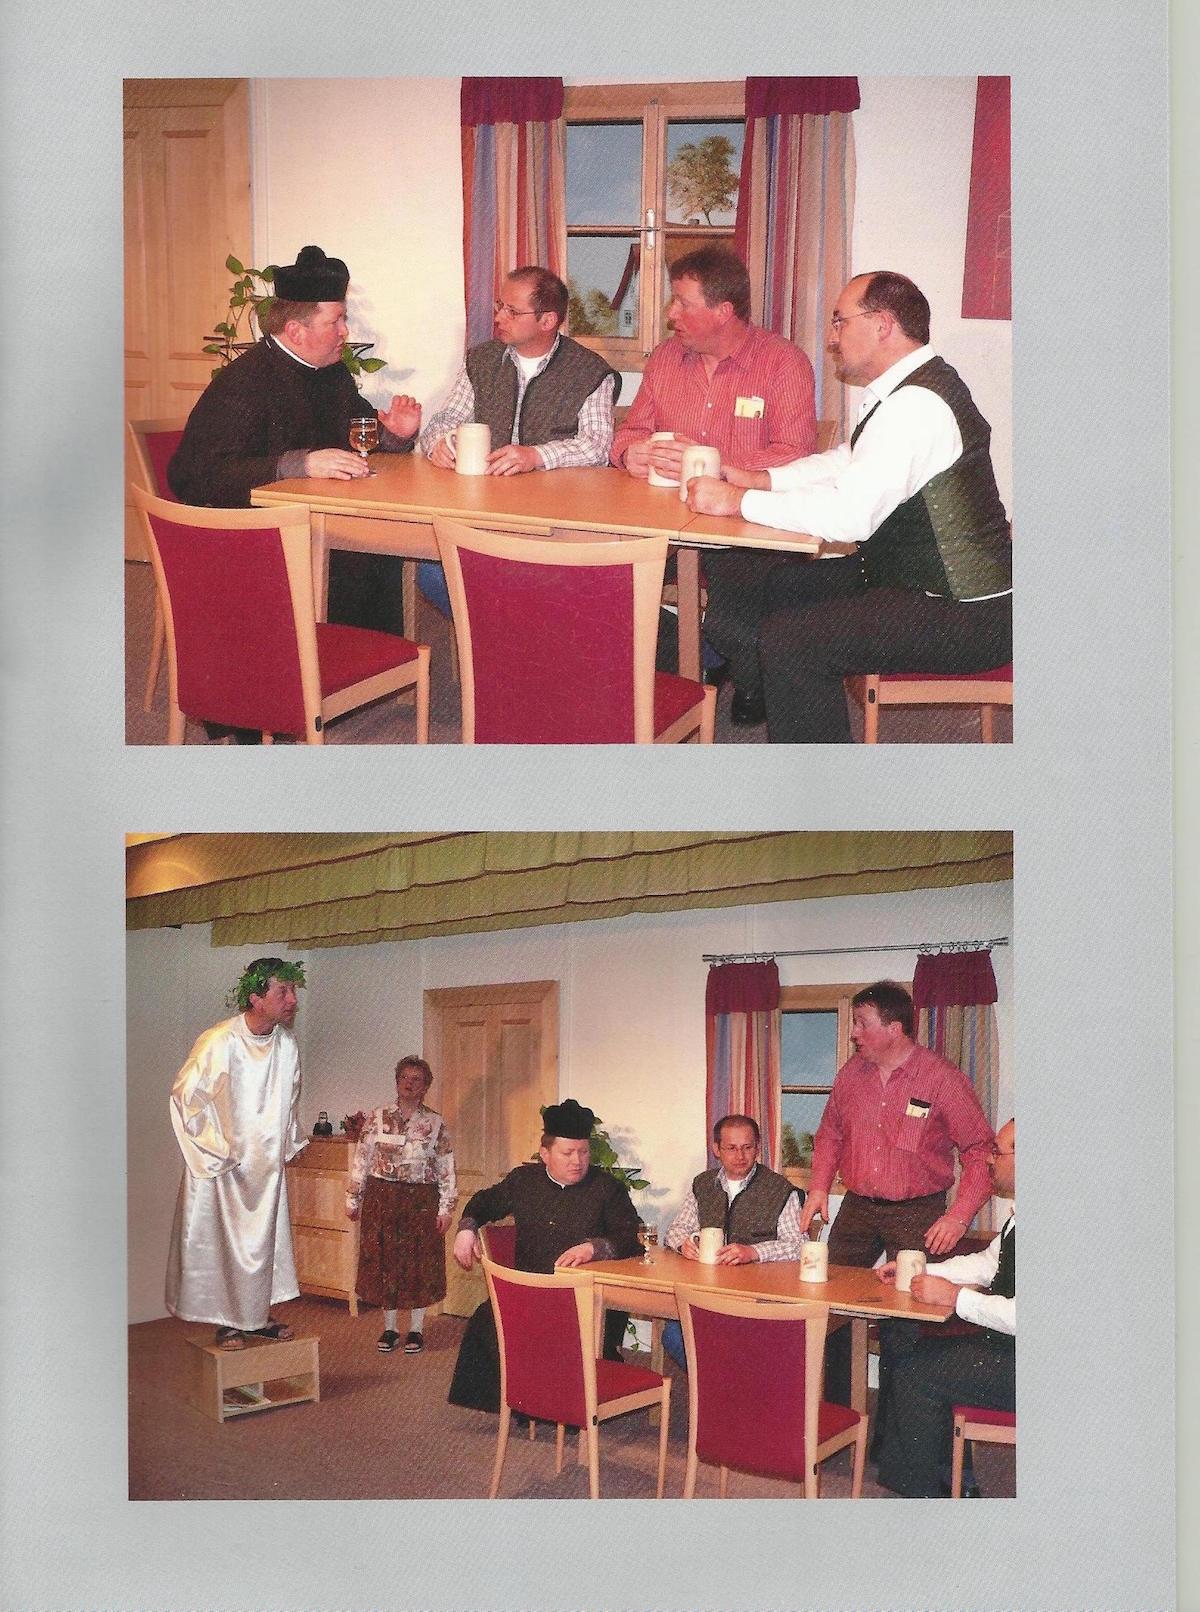 TV 2009 Ein falscher Heiliger0004